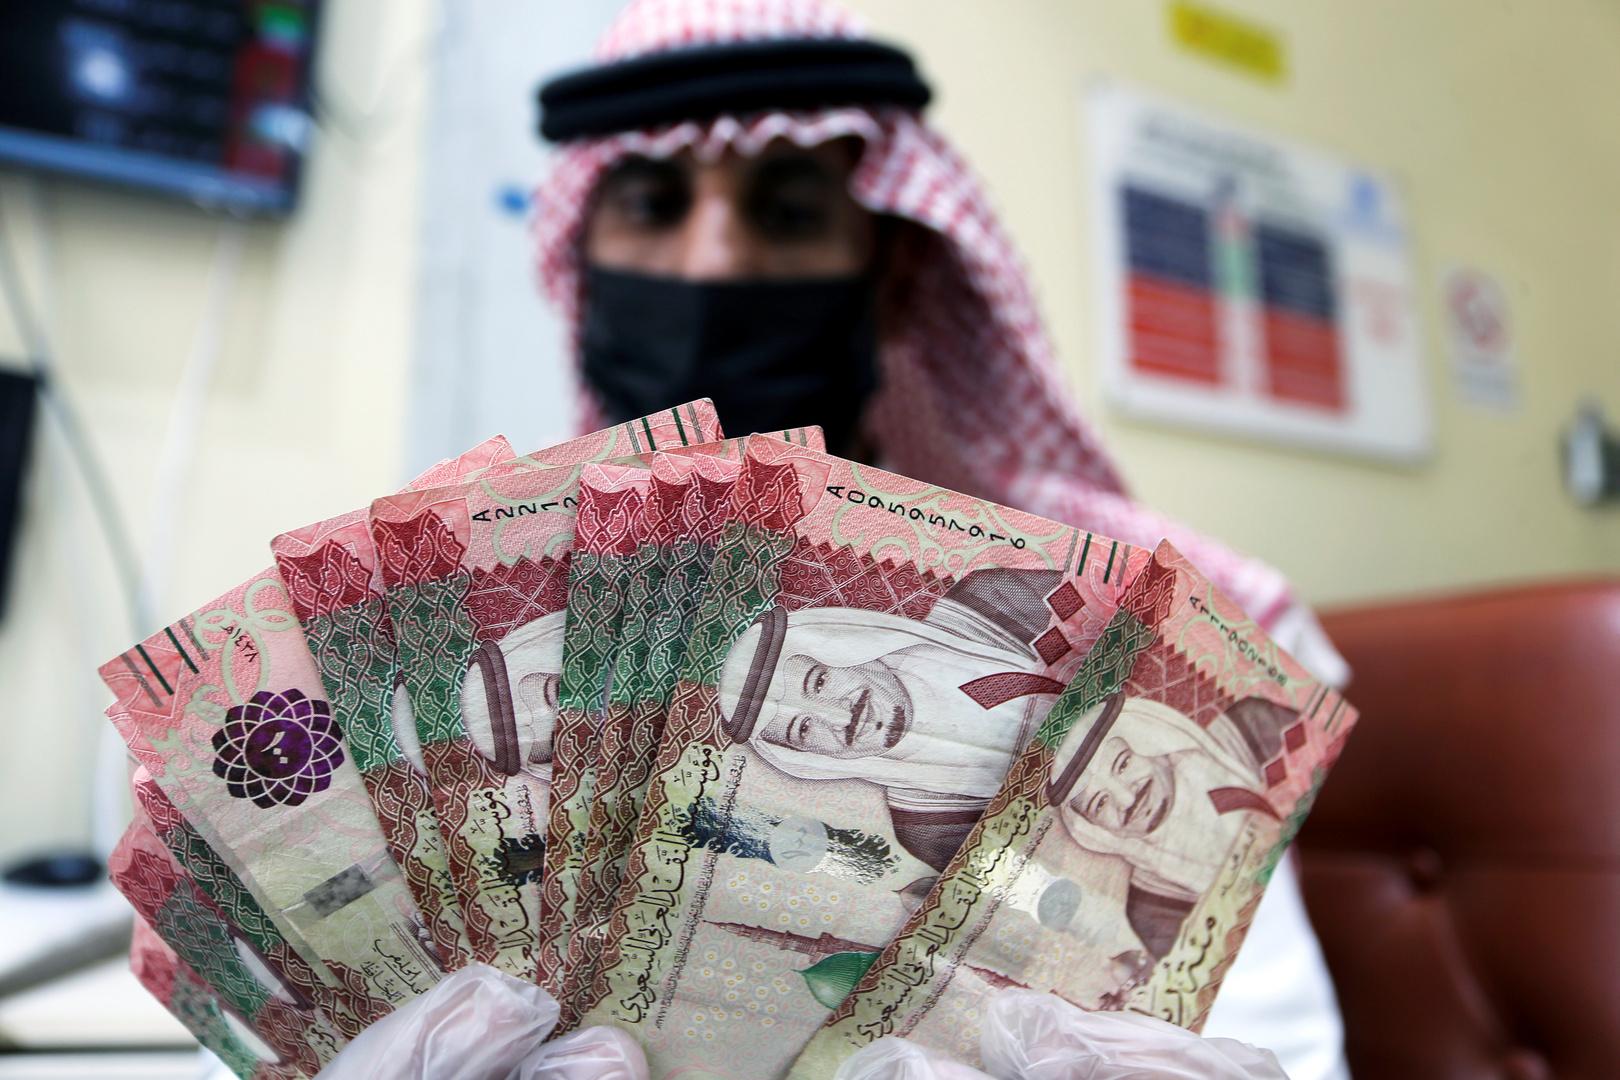 السعودية تطبق تدابير عاجلة بالمليارات لدعم الأنشطة الاقتصادية